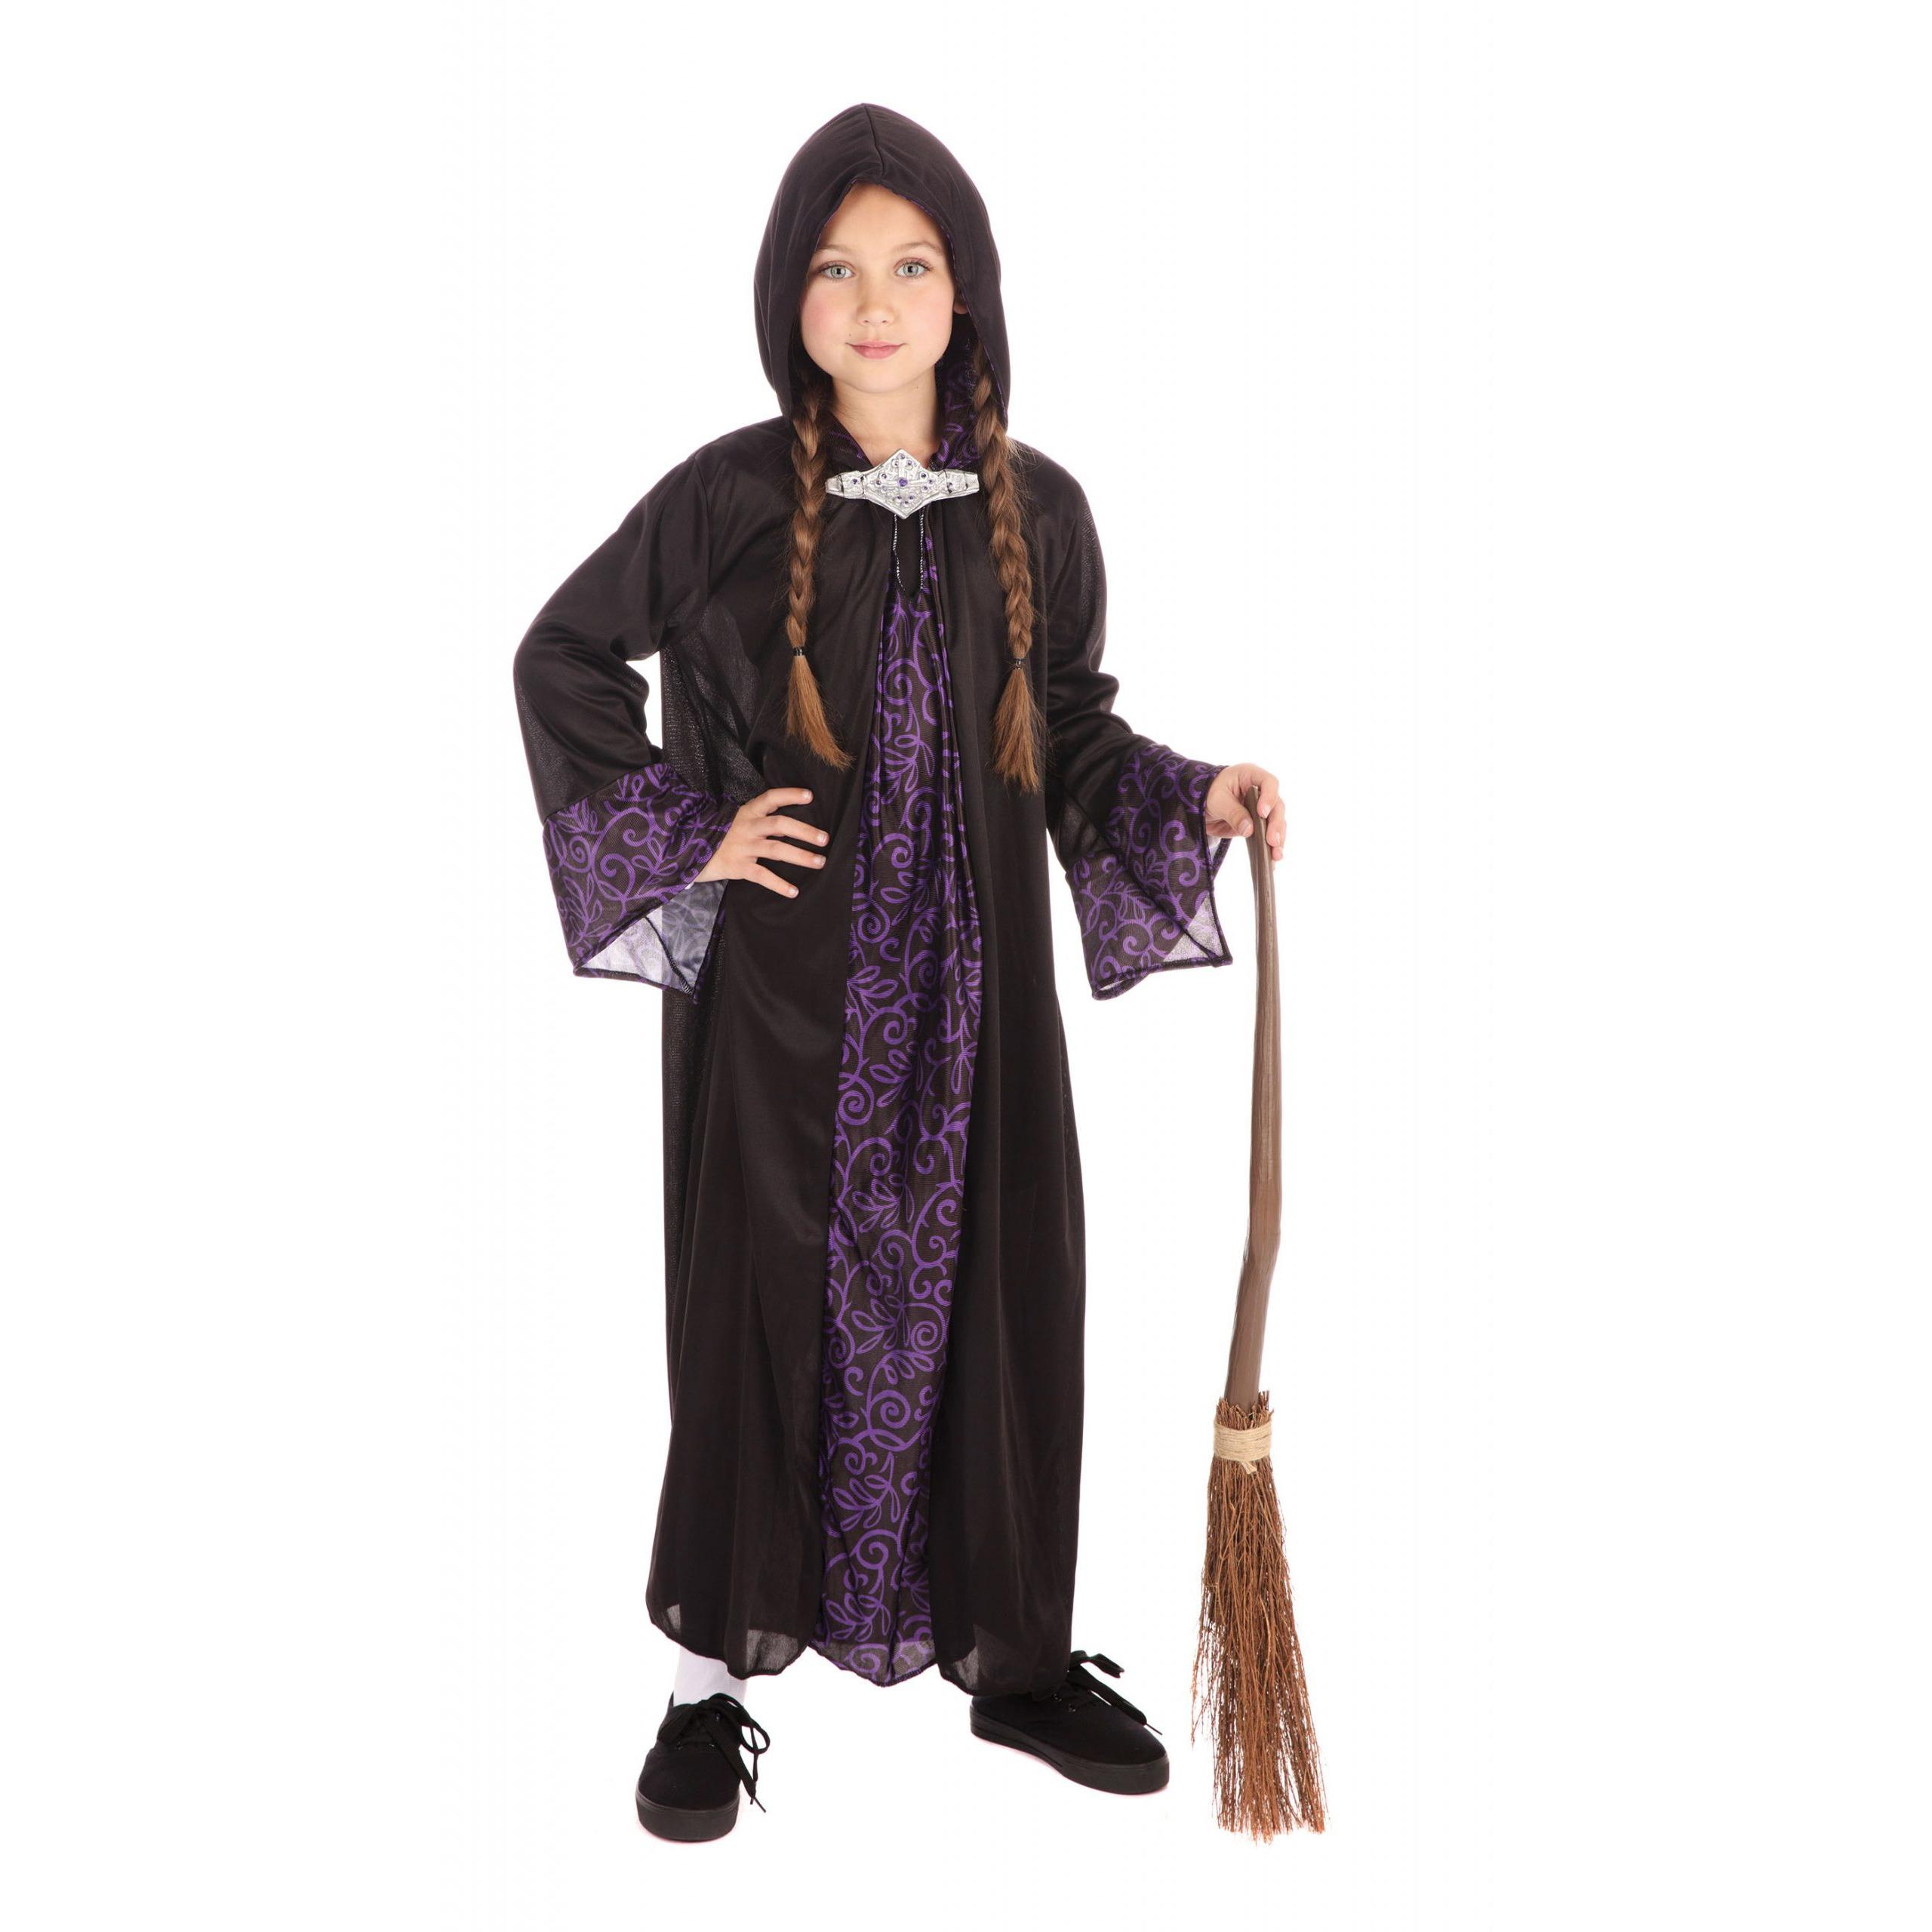 Merkloos Tovenaar cape kinderen/Halloween verkleedkleding zwart/paars voor kids